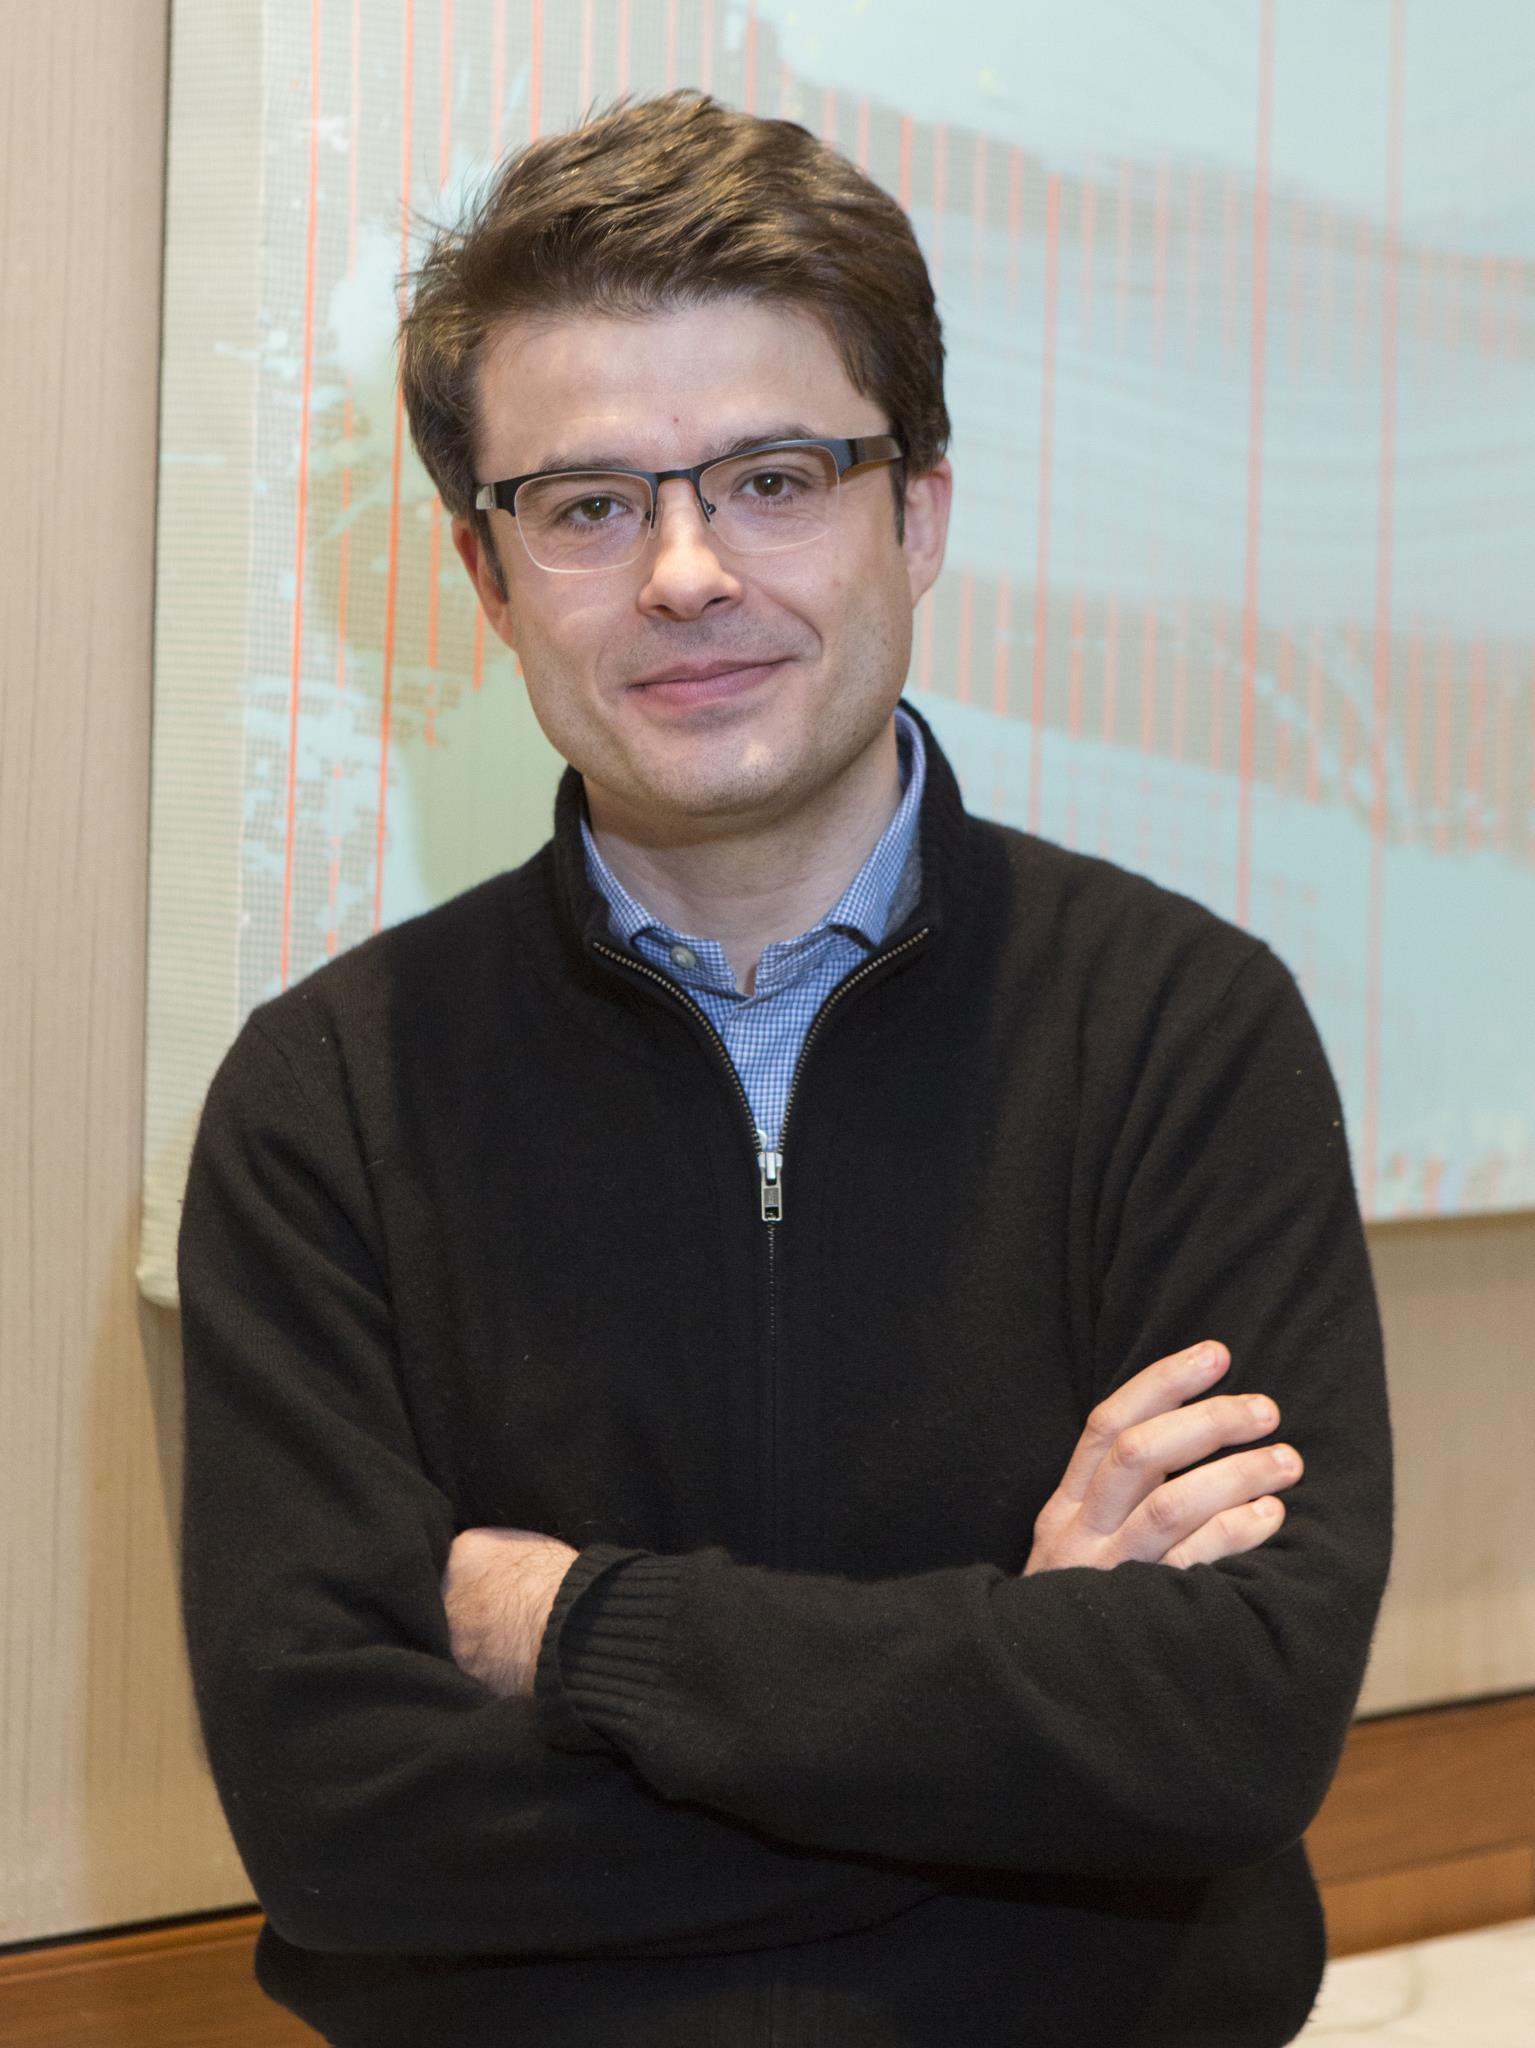 Prof. Nenad Sestan of Yale Medical School